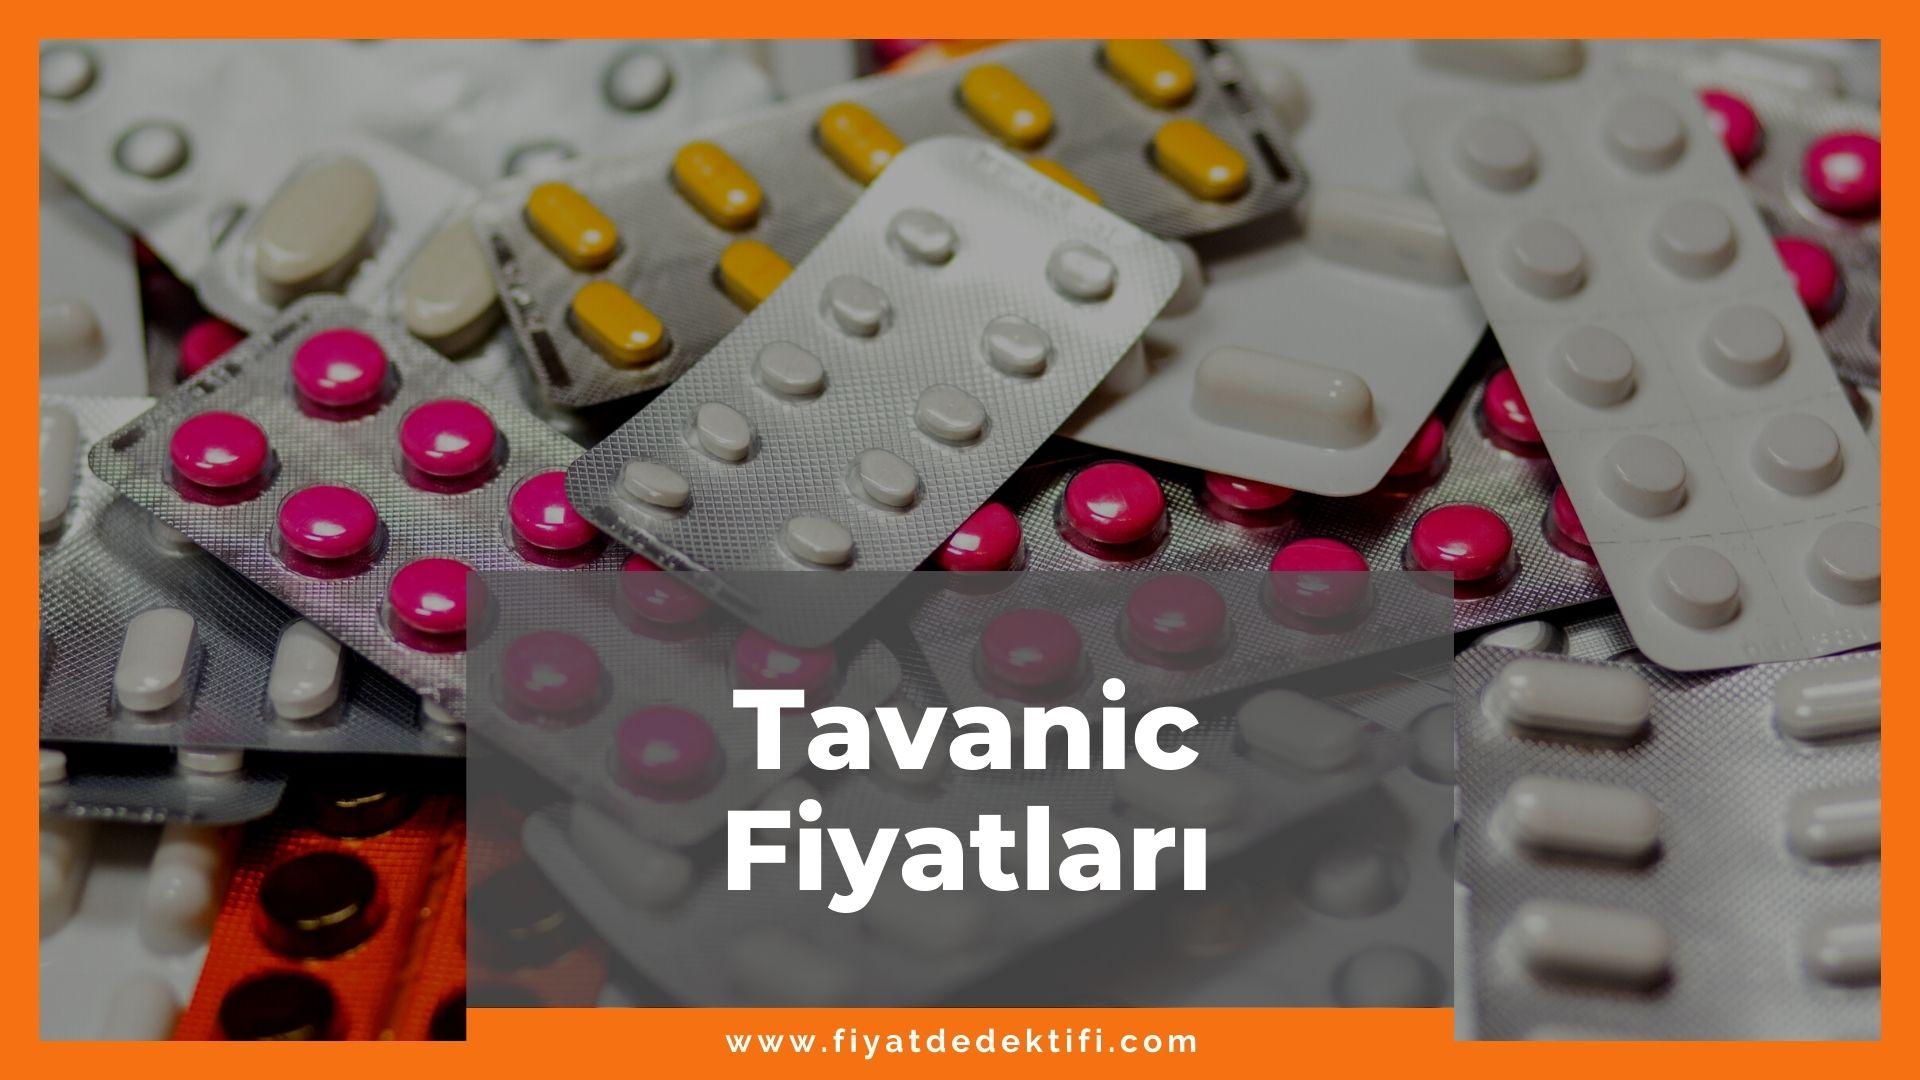 Tavanic Fiyat 2021, Tavanic 500 mg 7 Film Tablet Fiyatı, tavanic zamlandı mı, tavanic zamlı fiyatı ne kadar kaç tl oldu